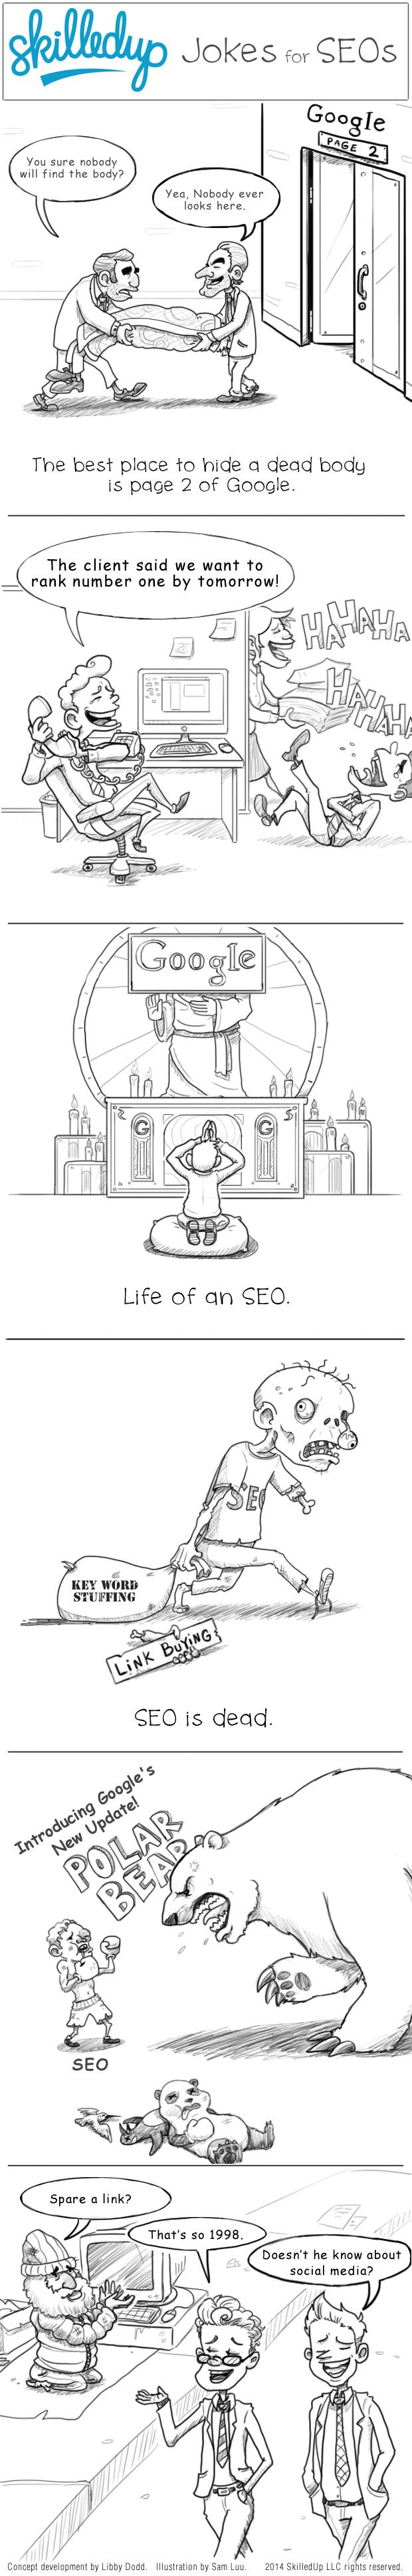 Vida e historia de un SEO. Real como la vida misma.